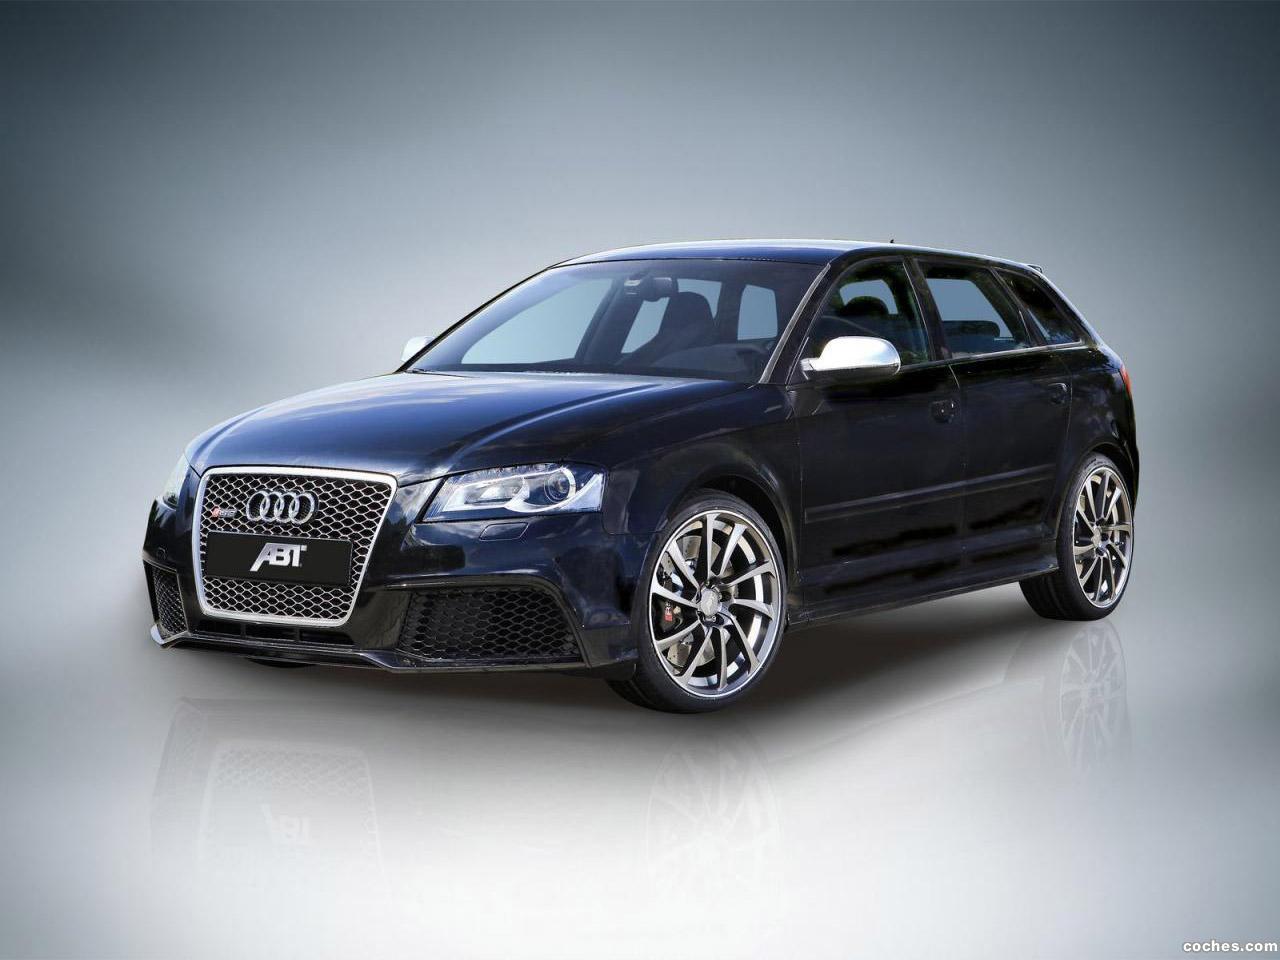 Foto 0 de Audi ABT RS3 Sportback 2011